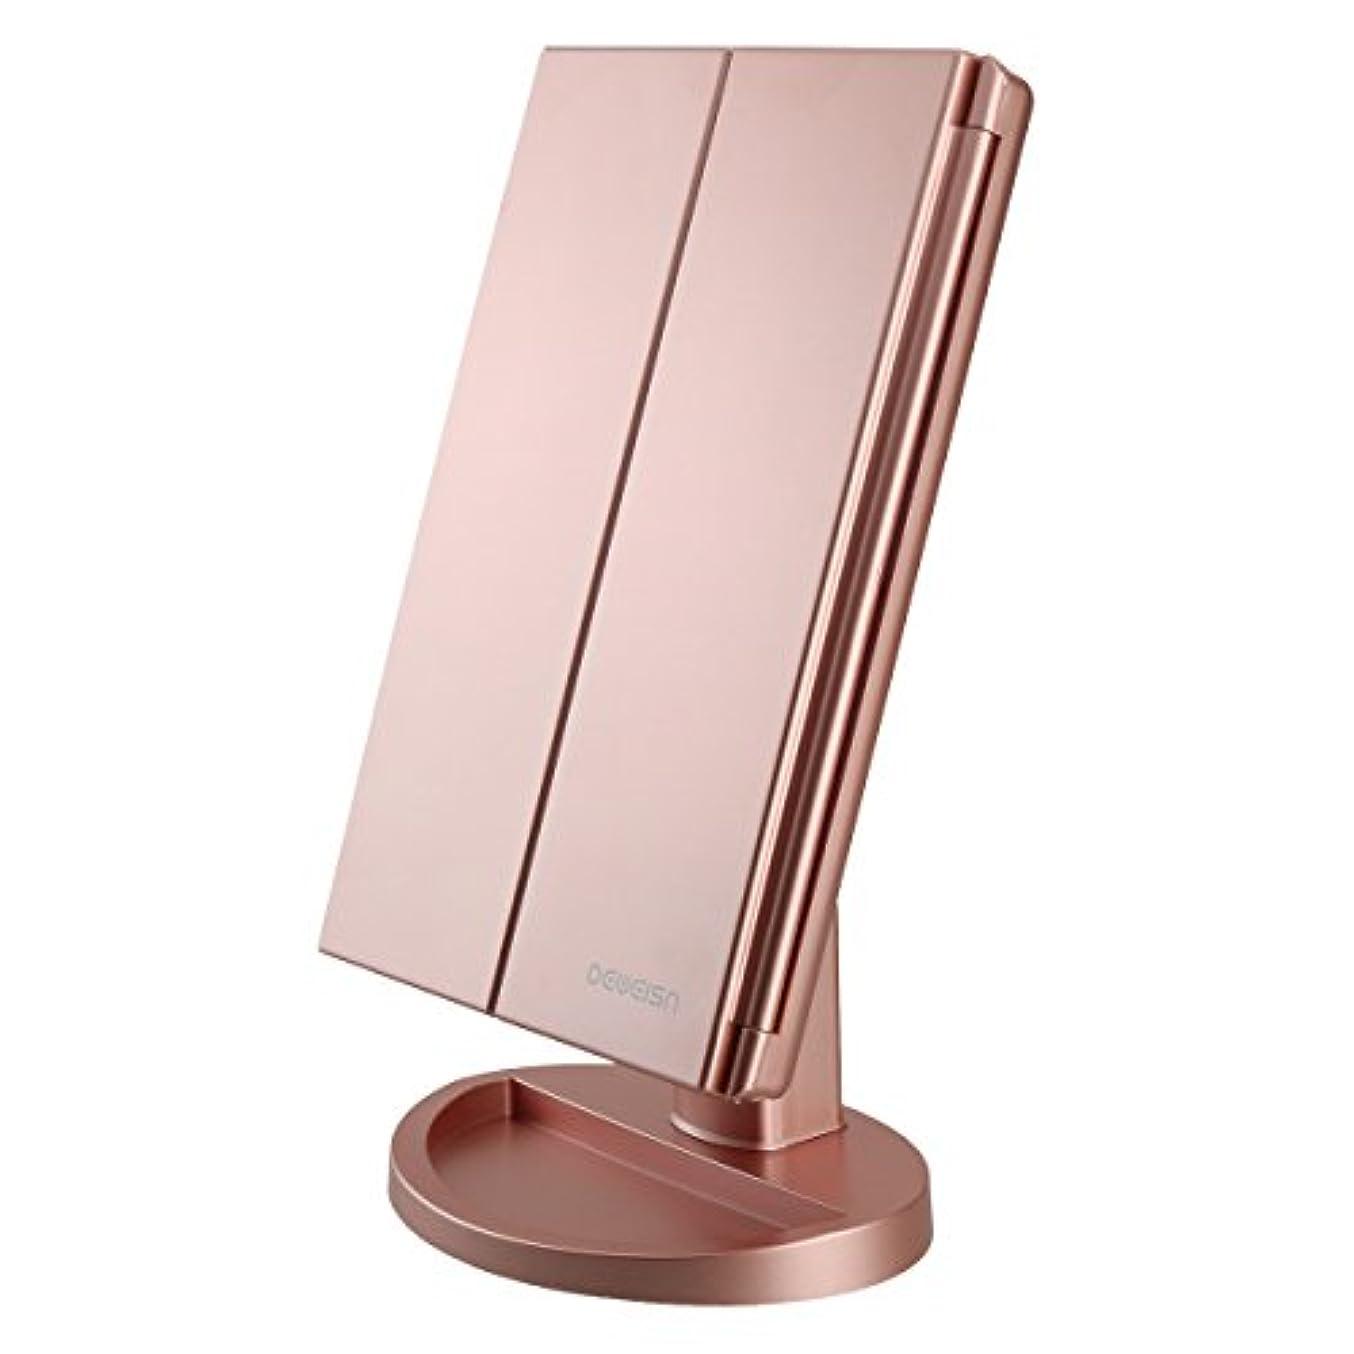 卓上三面鏡 LED化粧鏡 電池交換可能 2倍&3倍拡大鏡付き 角度自由調整 明るさ調整可能 折り畳み式 LEDライト21個 全3色 スタンド ミラー (ローズゴールド)